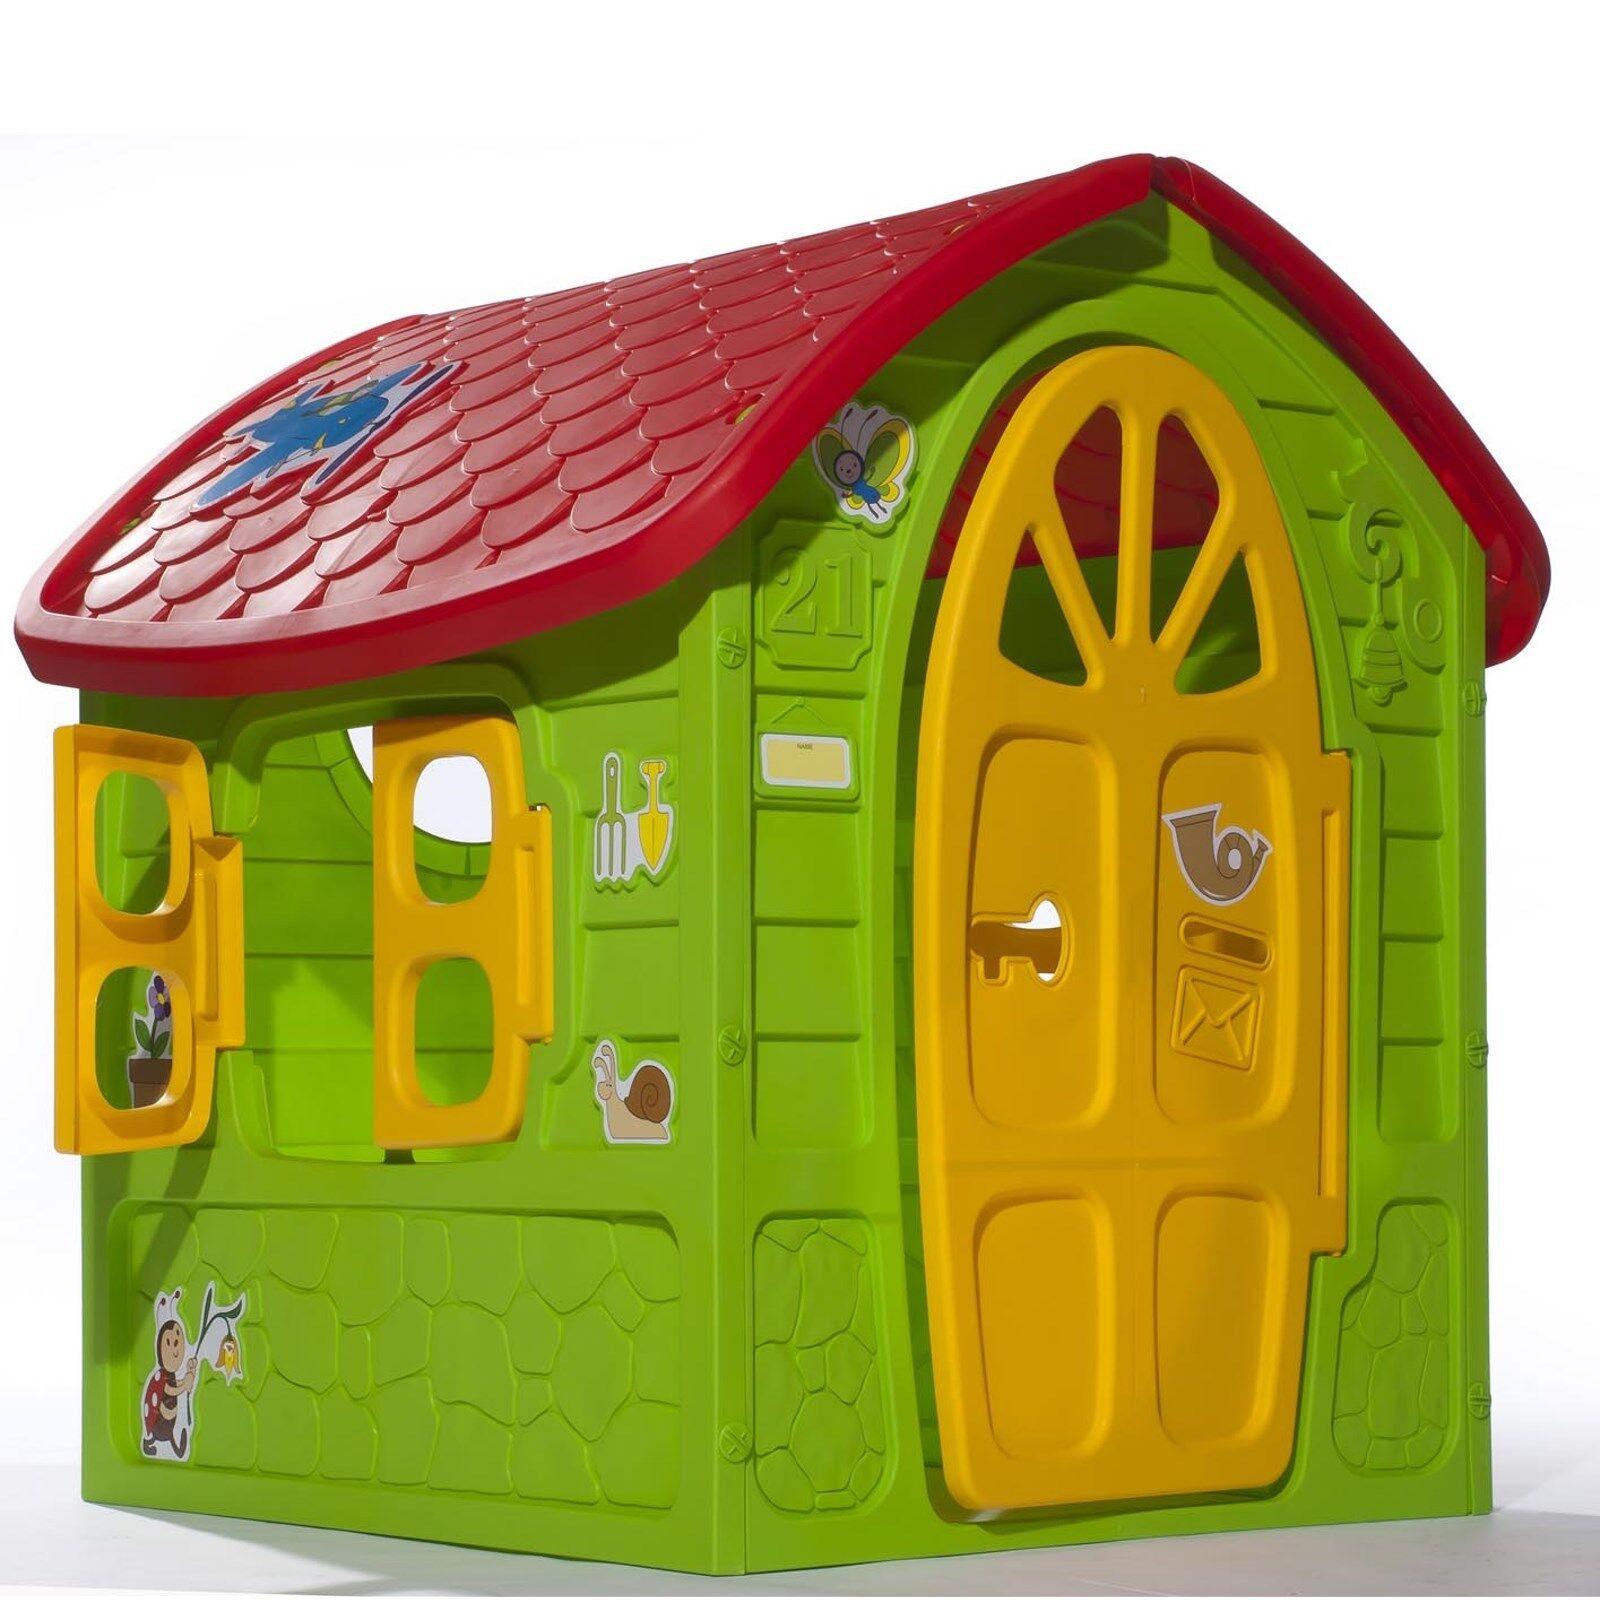 XXL Spielhaus für Kinder Gartenhaus Kinderspielhaus Kinderhaus bunt